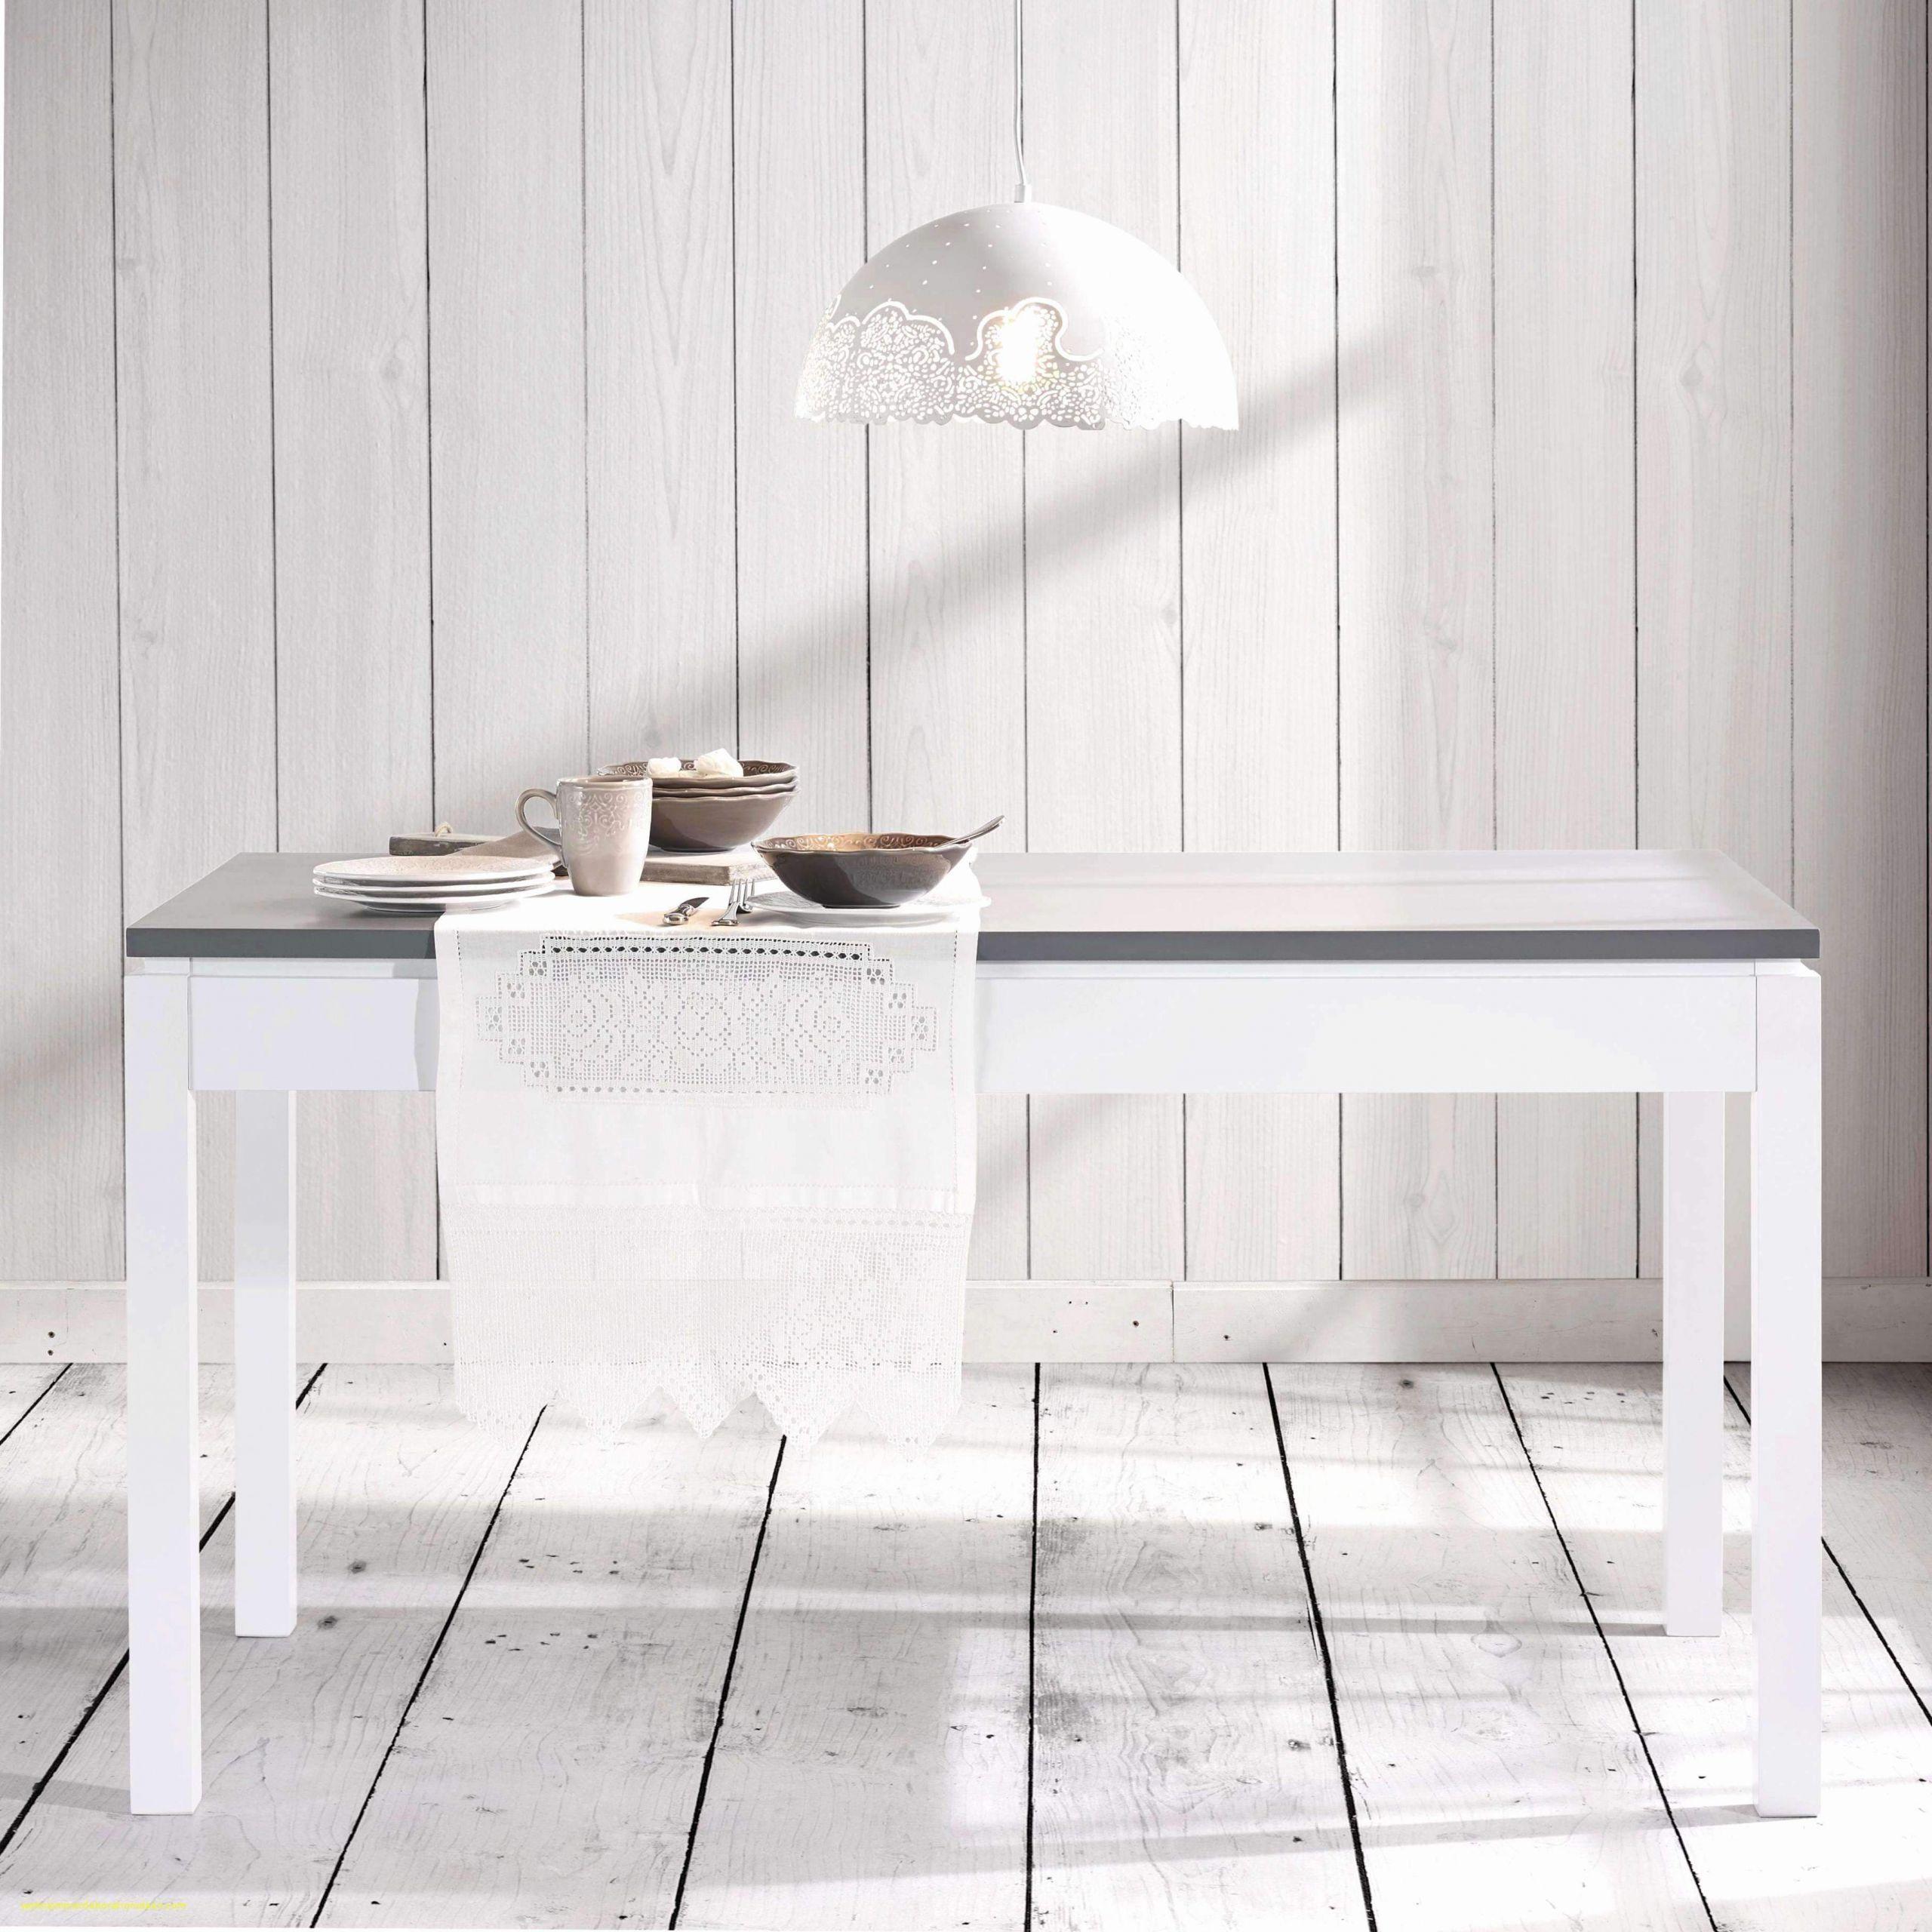 Deko Ideen Für Den Garten Best Of 26 Neu Wohnzimmer Ideen Für Kleine Räume Frisch